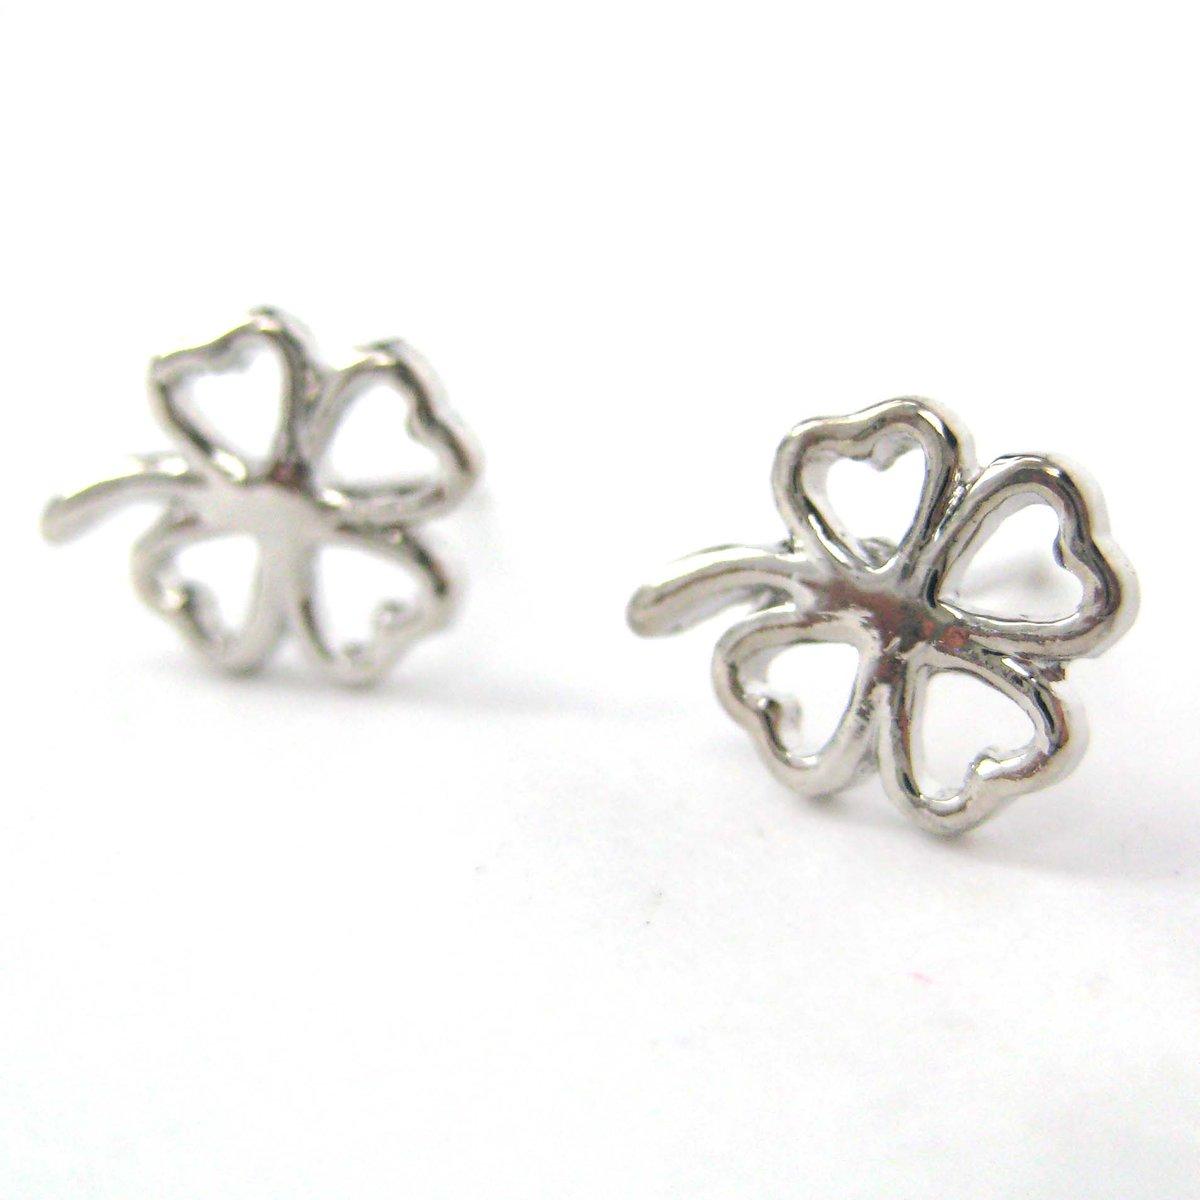 lucky clover earrings #stpatricksday <br>http://pic.twitter.com/B2tLv7kyAs #shamrock   https://www. ebay.co.uk/str/rubyredsky  &nbsp;